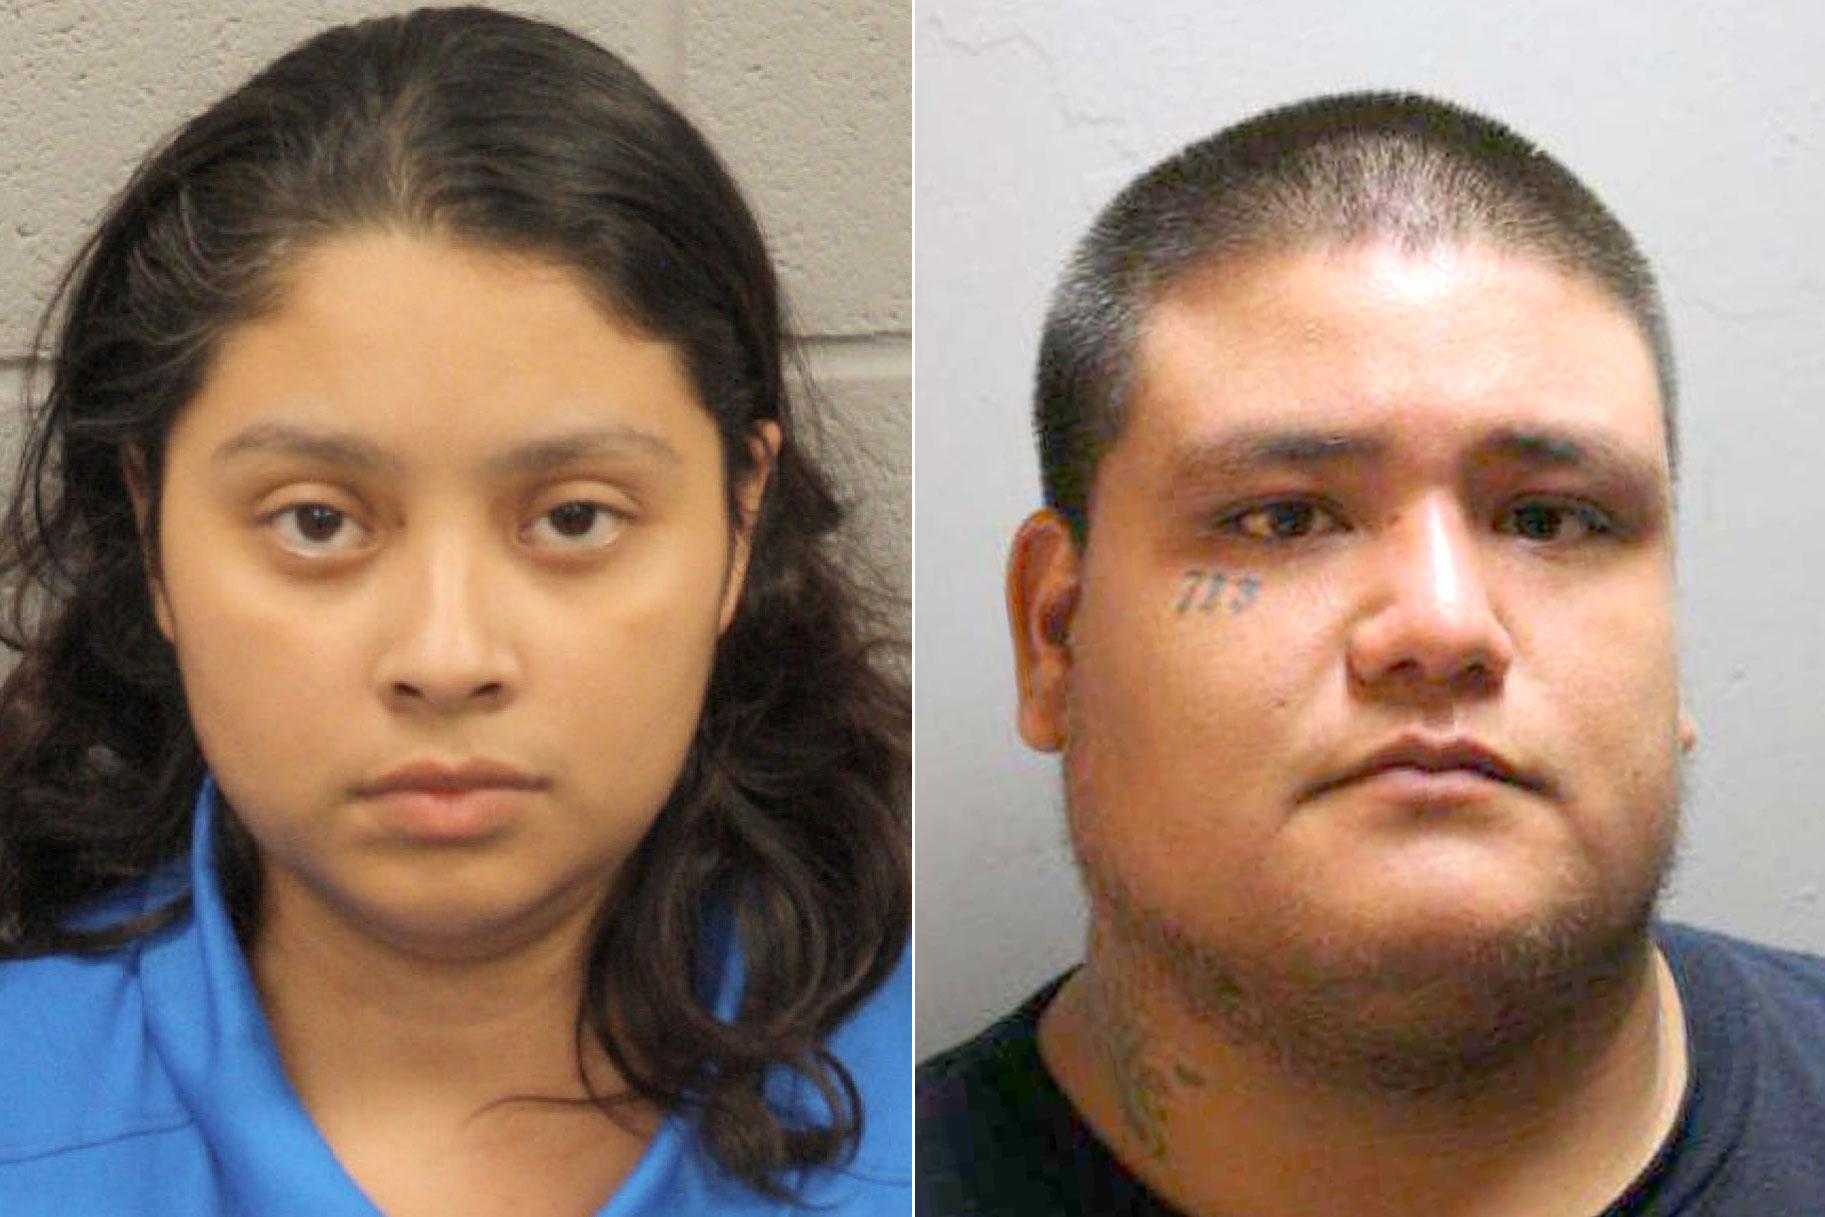 Ένας άντρας συνελήφθη μαζί με τη φίλη του, αφού η 5χρονη κόρη της βρέθηκε νεκρή στο ντουλάπι, λέει ότι είναι «ψεύτης»